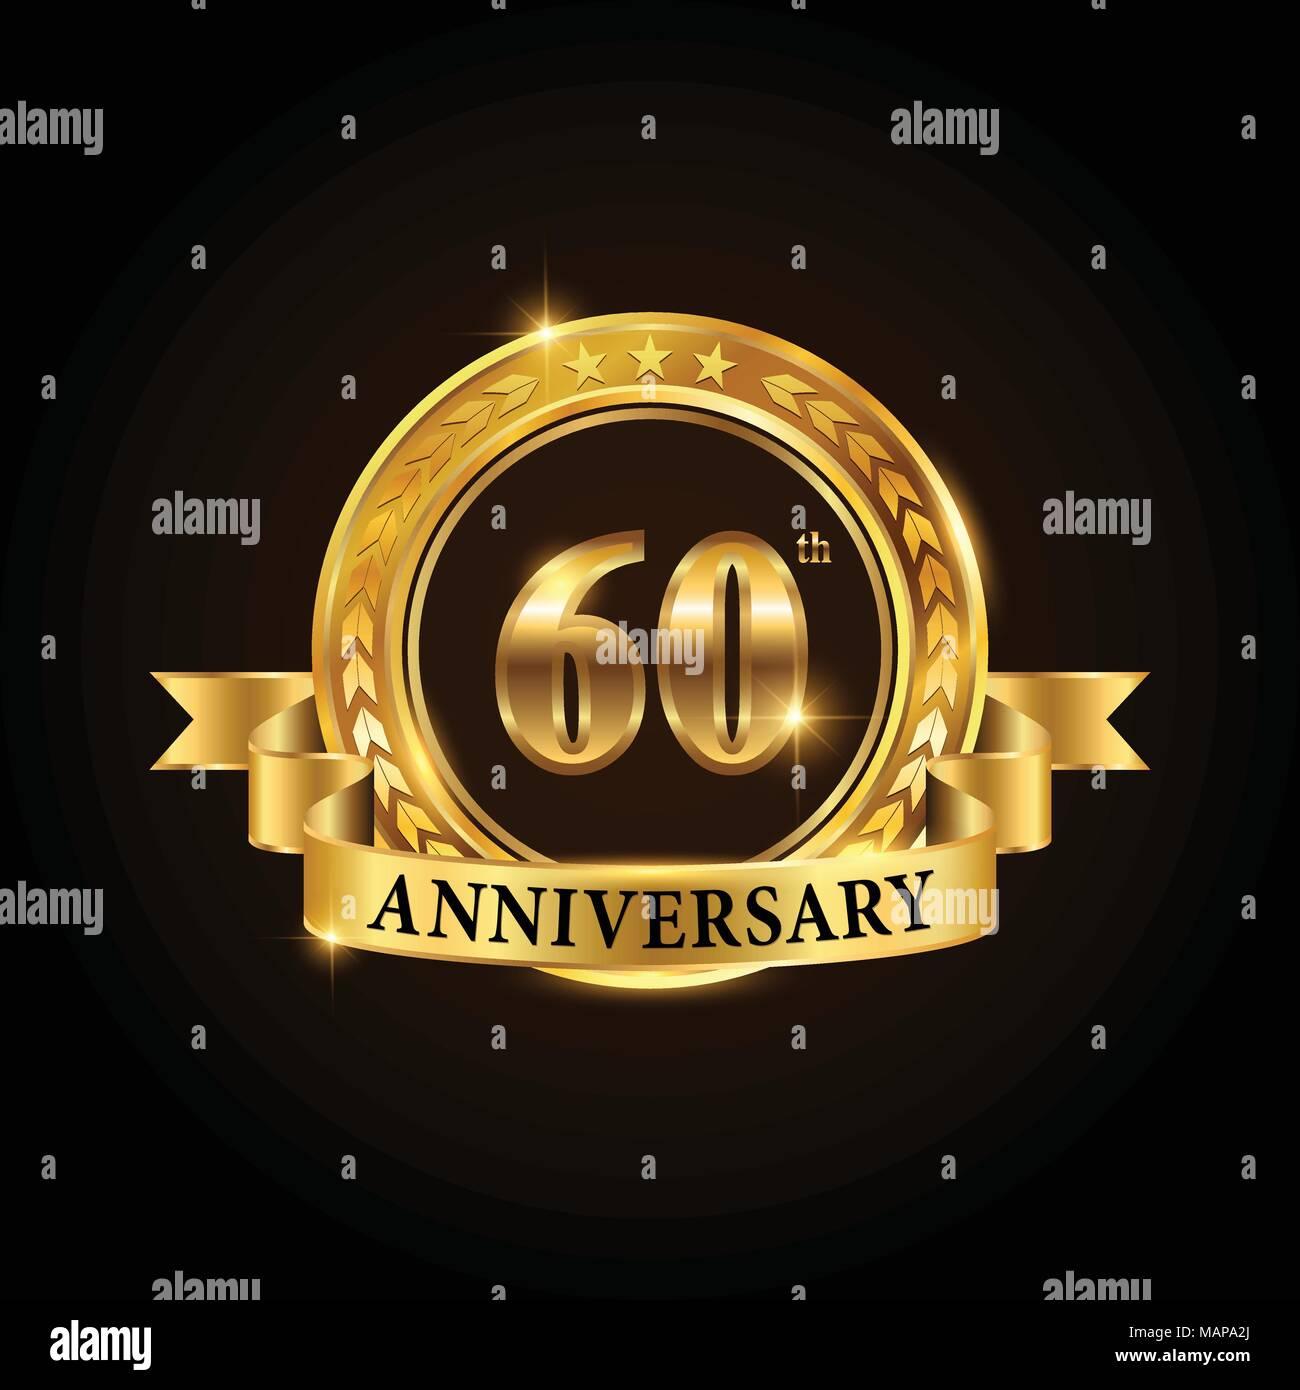 60 Años Aniversario Logotipo Bodas De Oro Emblema Con Cinta Diseño De Folleto Panfleto Revista Folleto Cartel Web Invita Imagen Vector De Stock Alamy